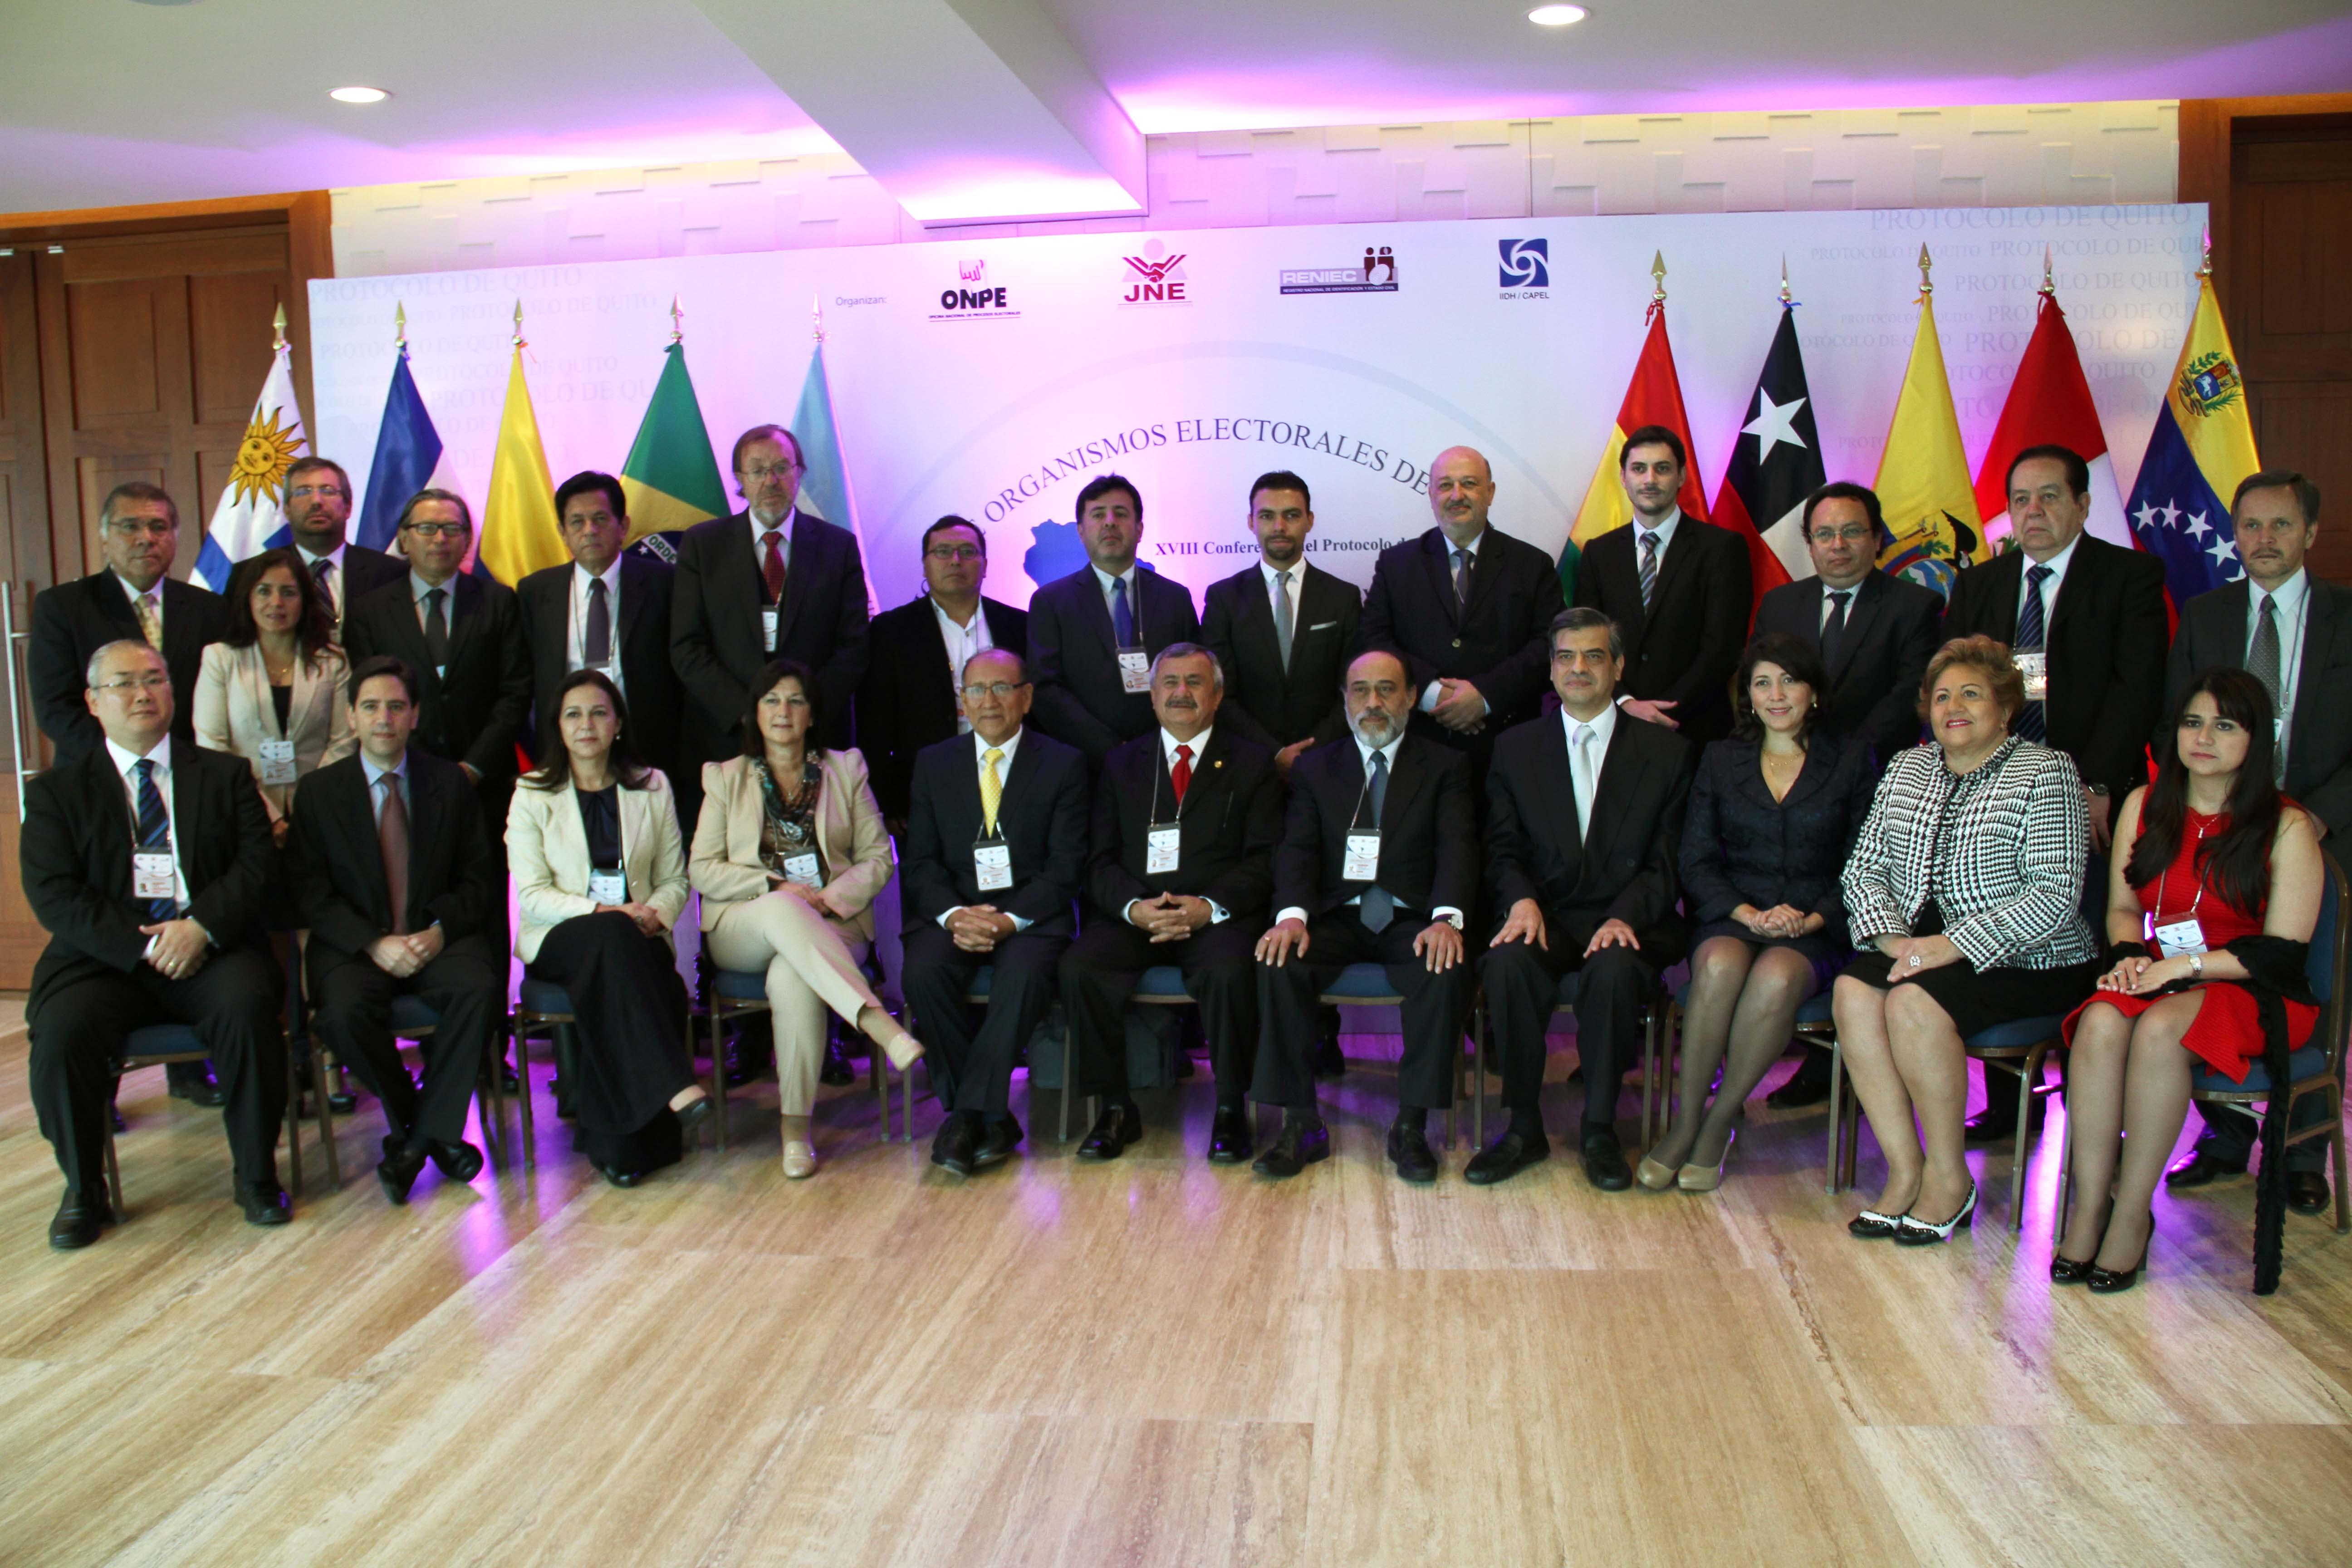 XVIII Conferencia de la Asociación de Organismos Electorales de América del Sur - asistentes 21mayo2015